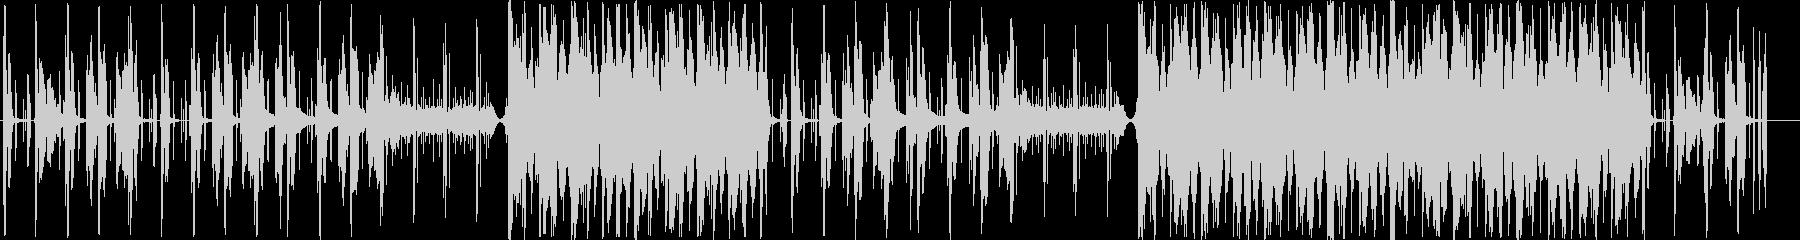 チルアウト R&B トラップの未再生の波形